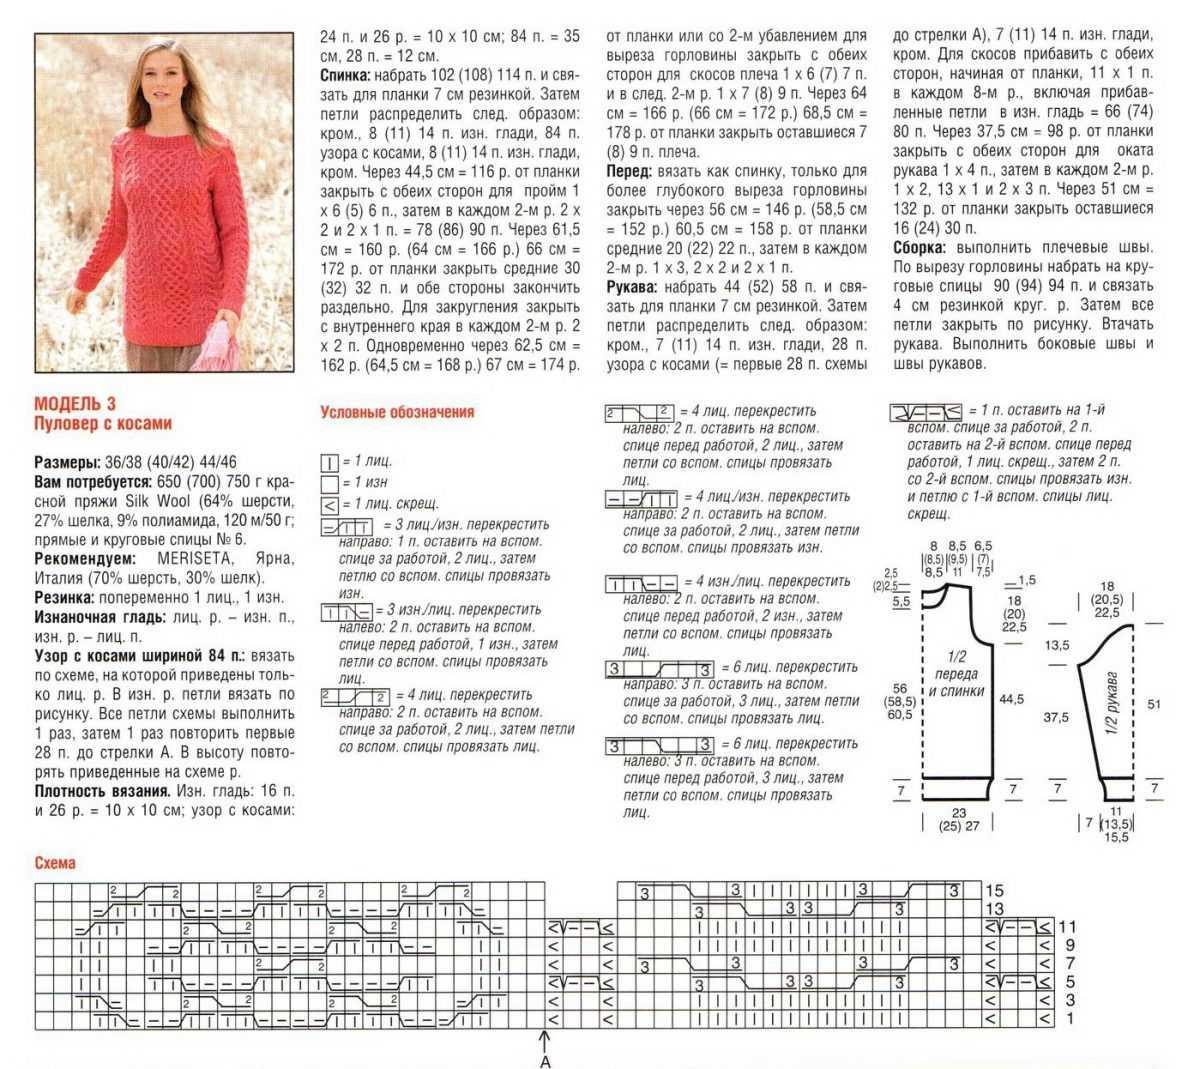 Вязание спицами для женщин араны модели